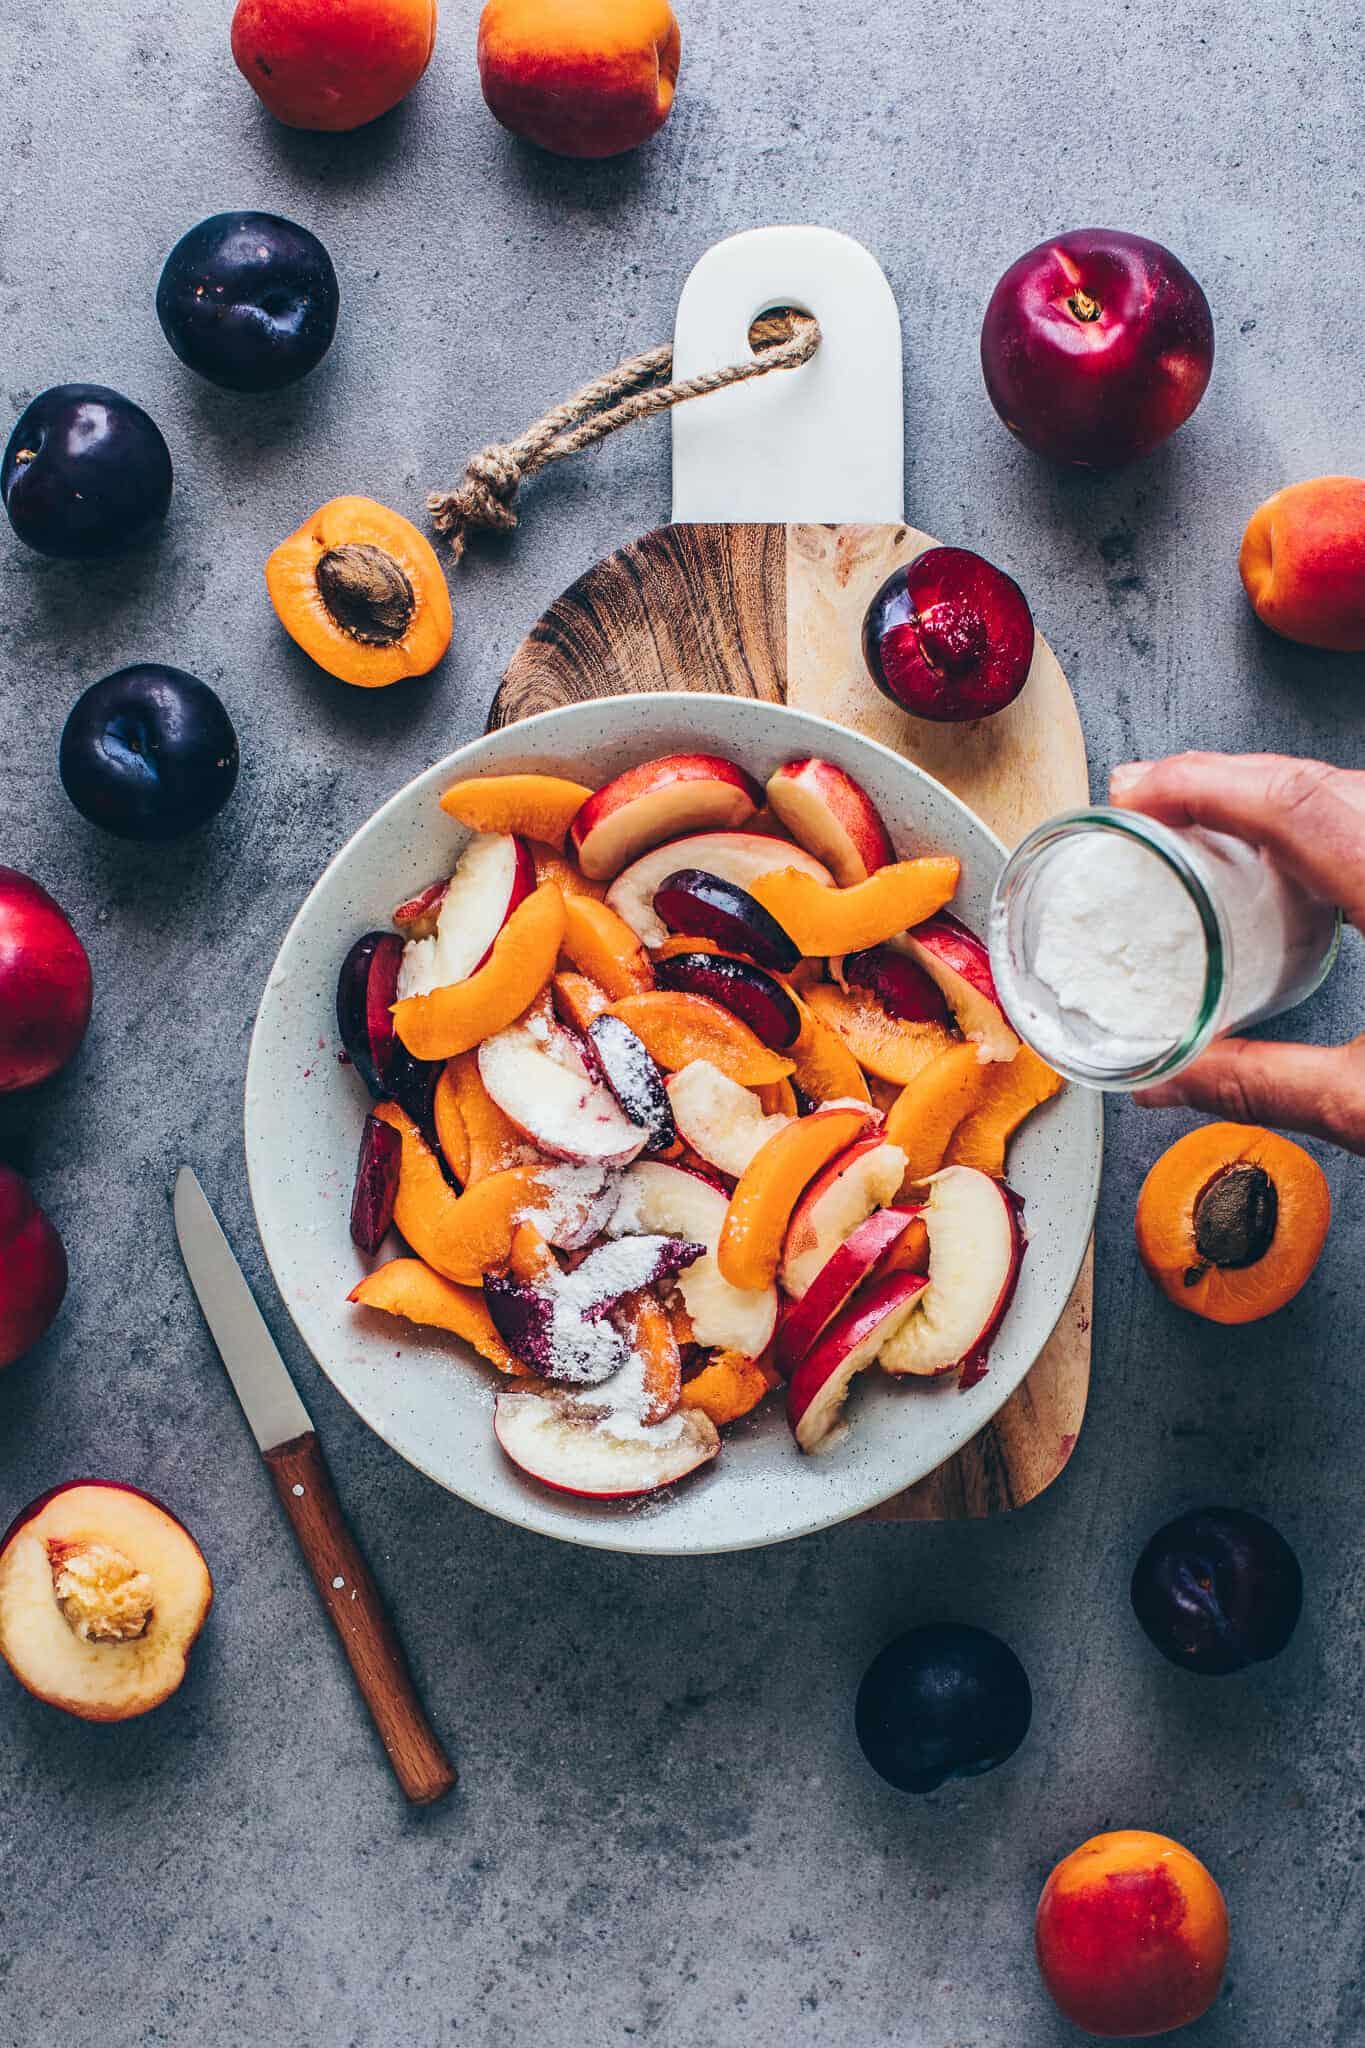 Obst Galette mit Pfirsichen, Aprikosen, Nektarinen, Pflaumen.